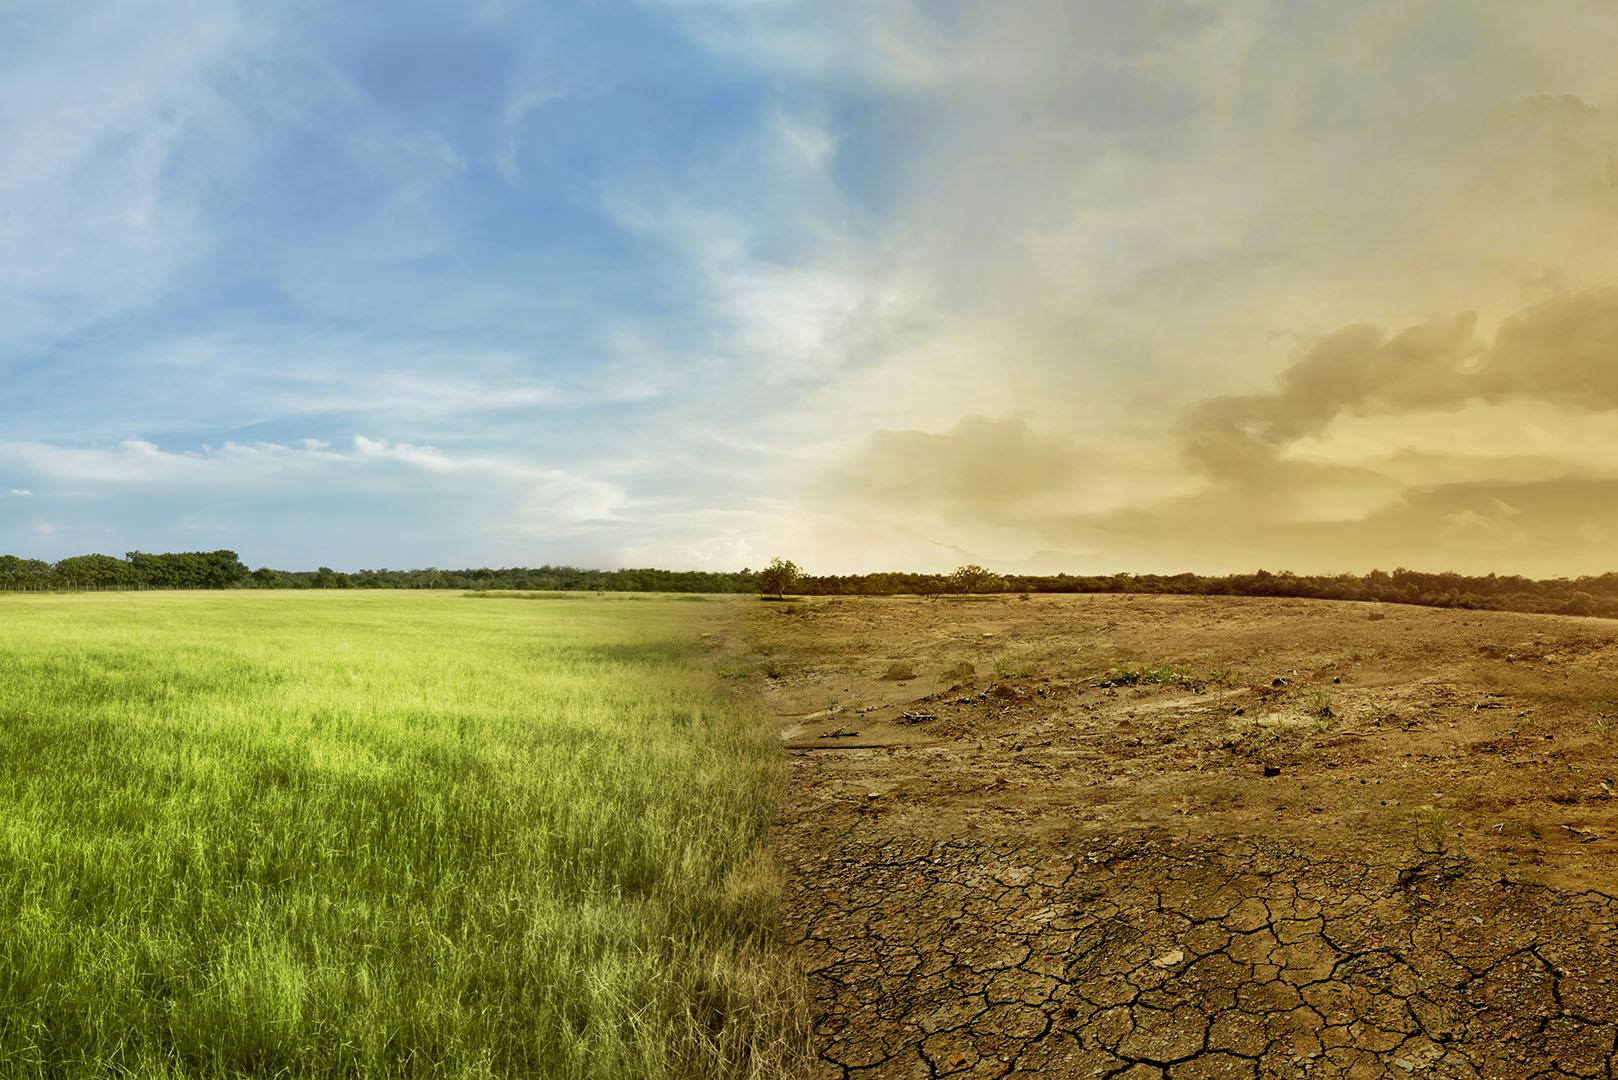 Cel mai mare sondaj de opinie privind încălzirea globală: Majoritatea oamenilor cred că ne aflăm în stare de urgență climatică